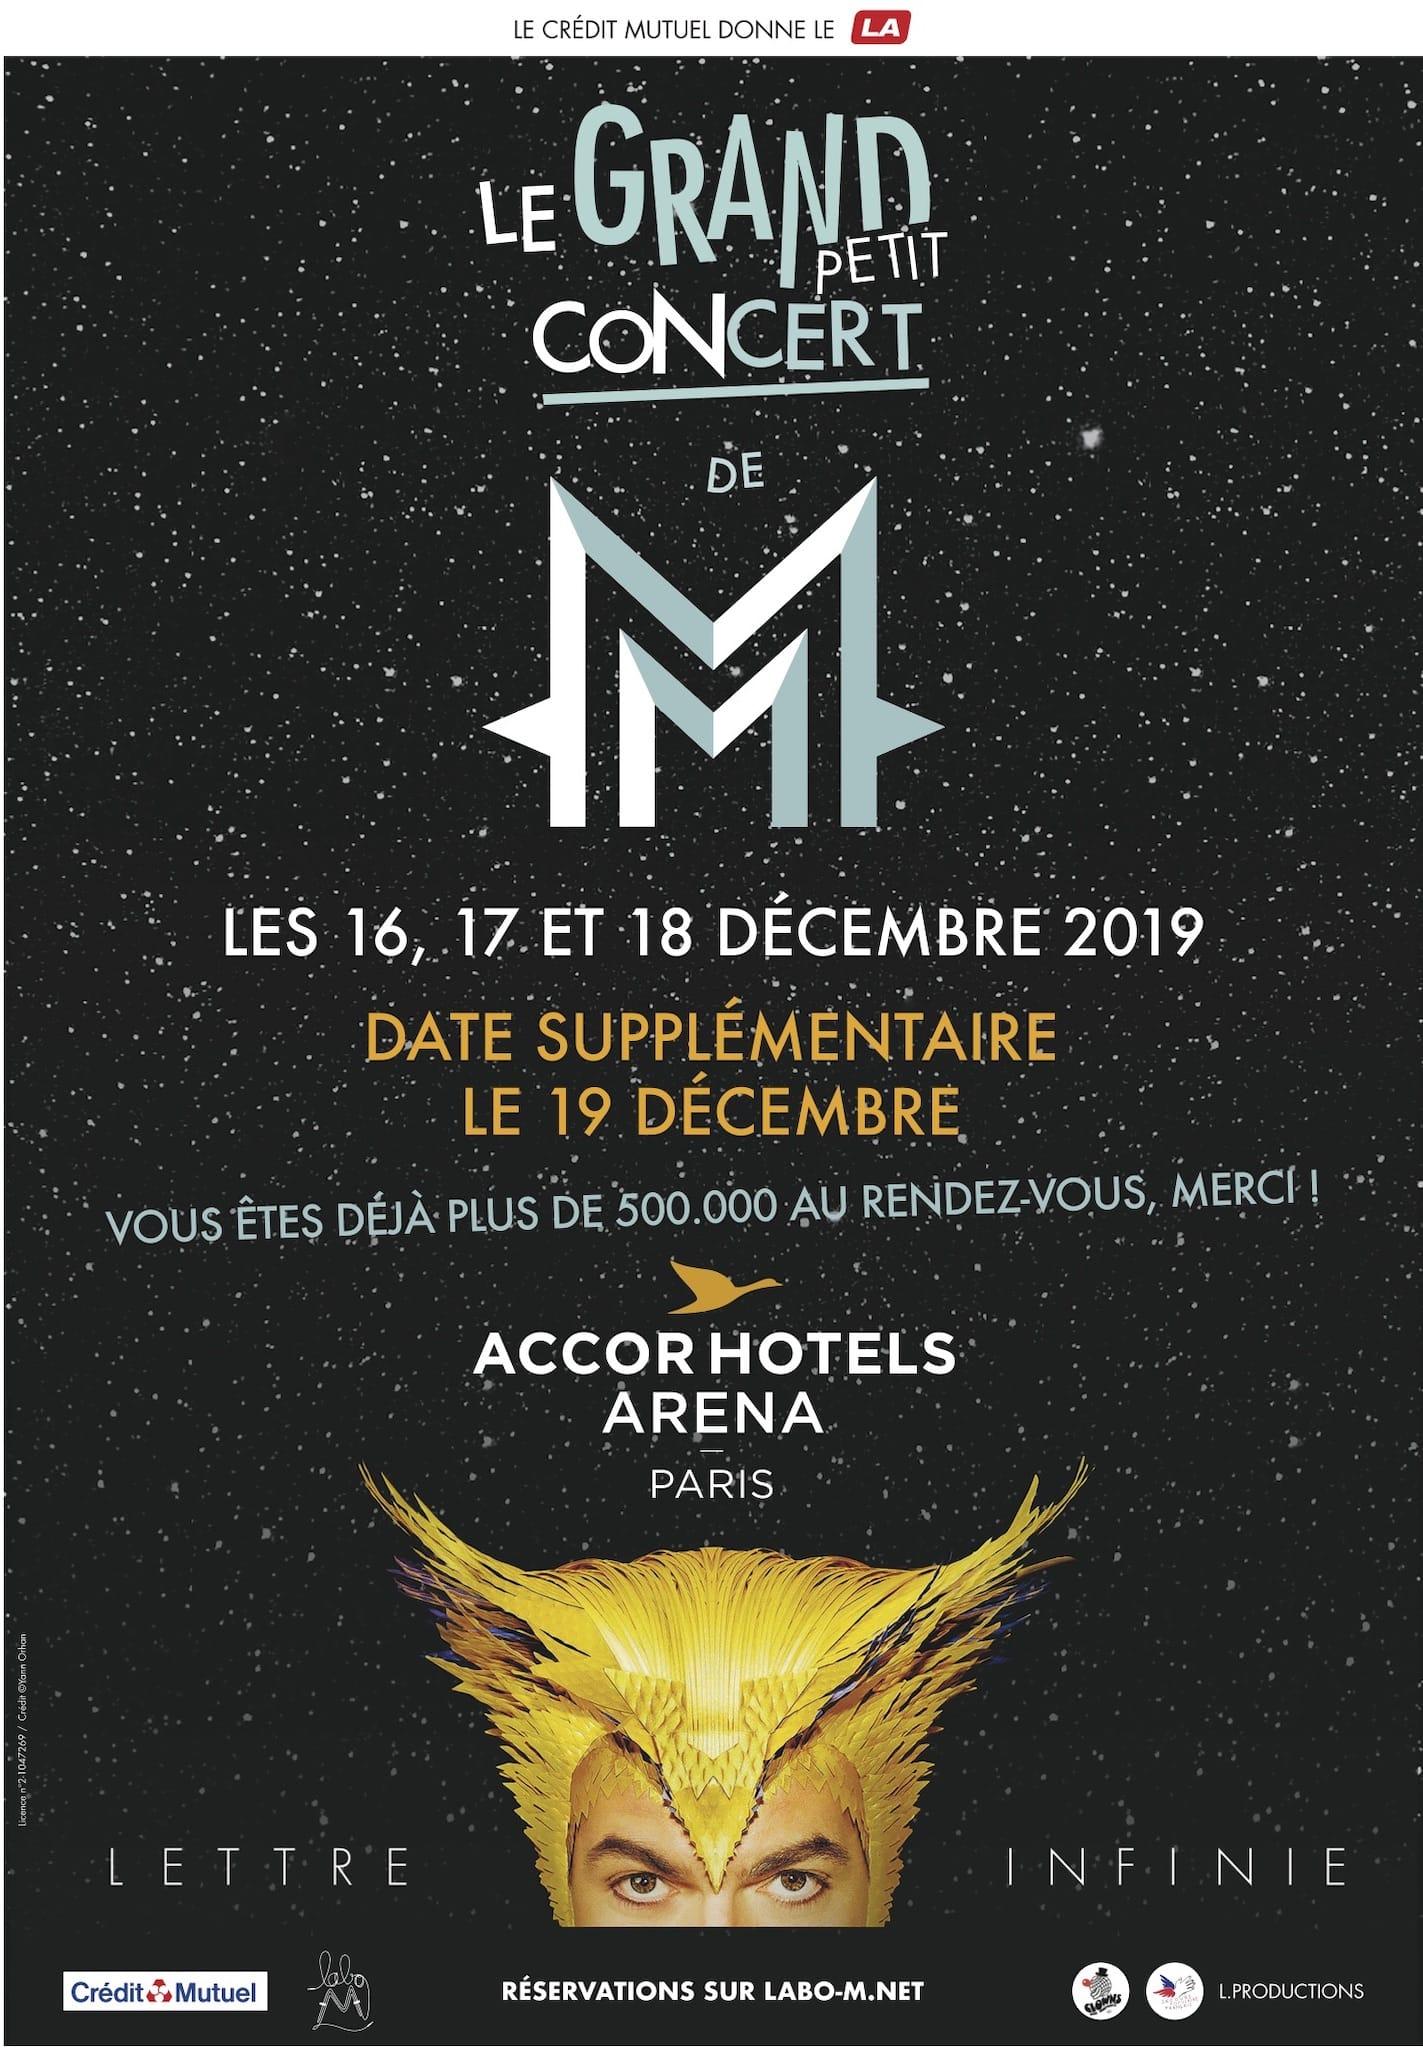 Le Grand Petit Concert de -M- affiche musique